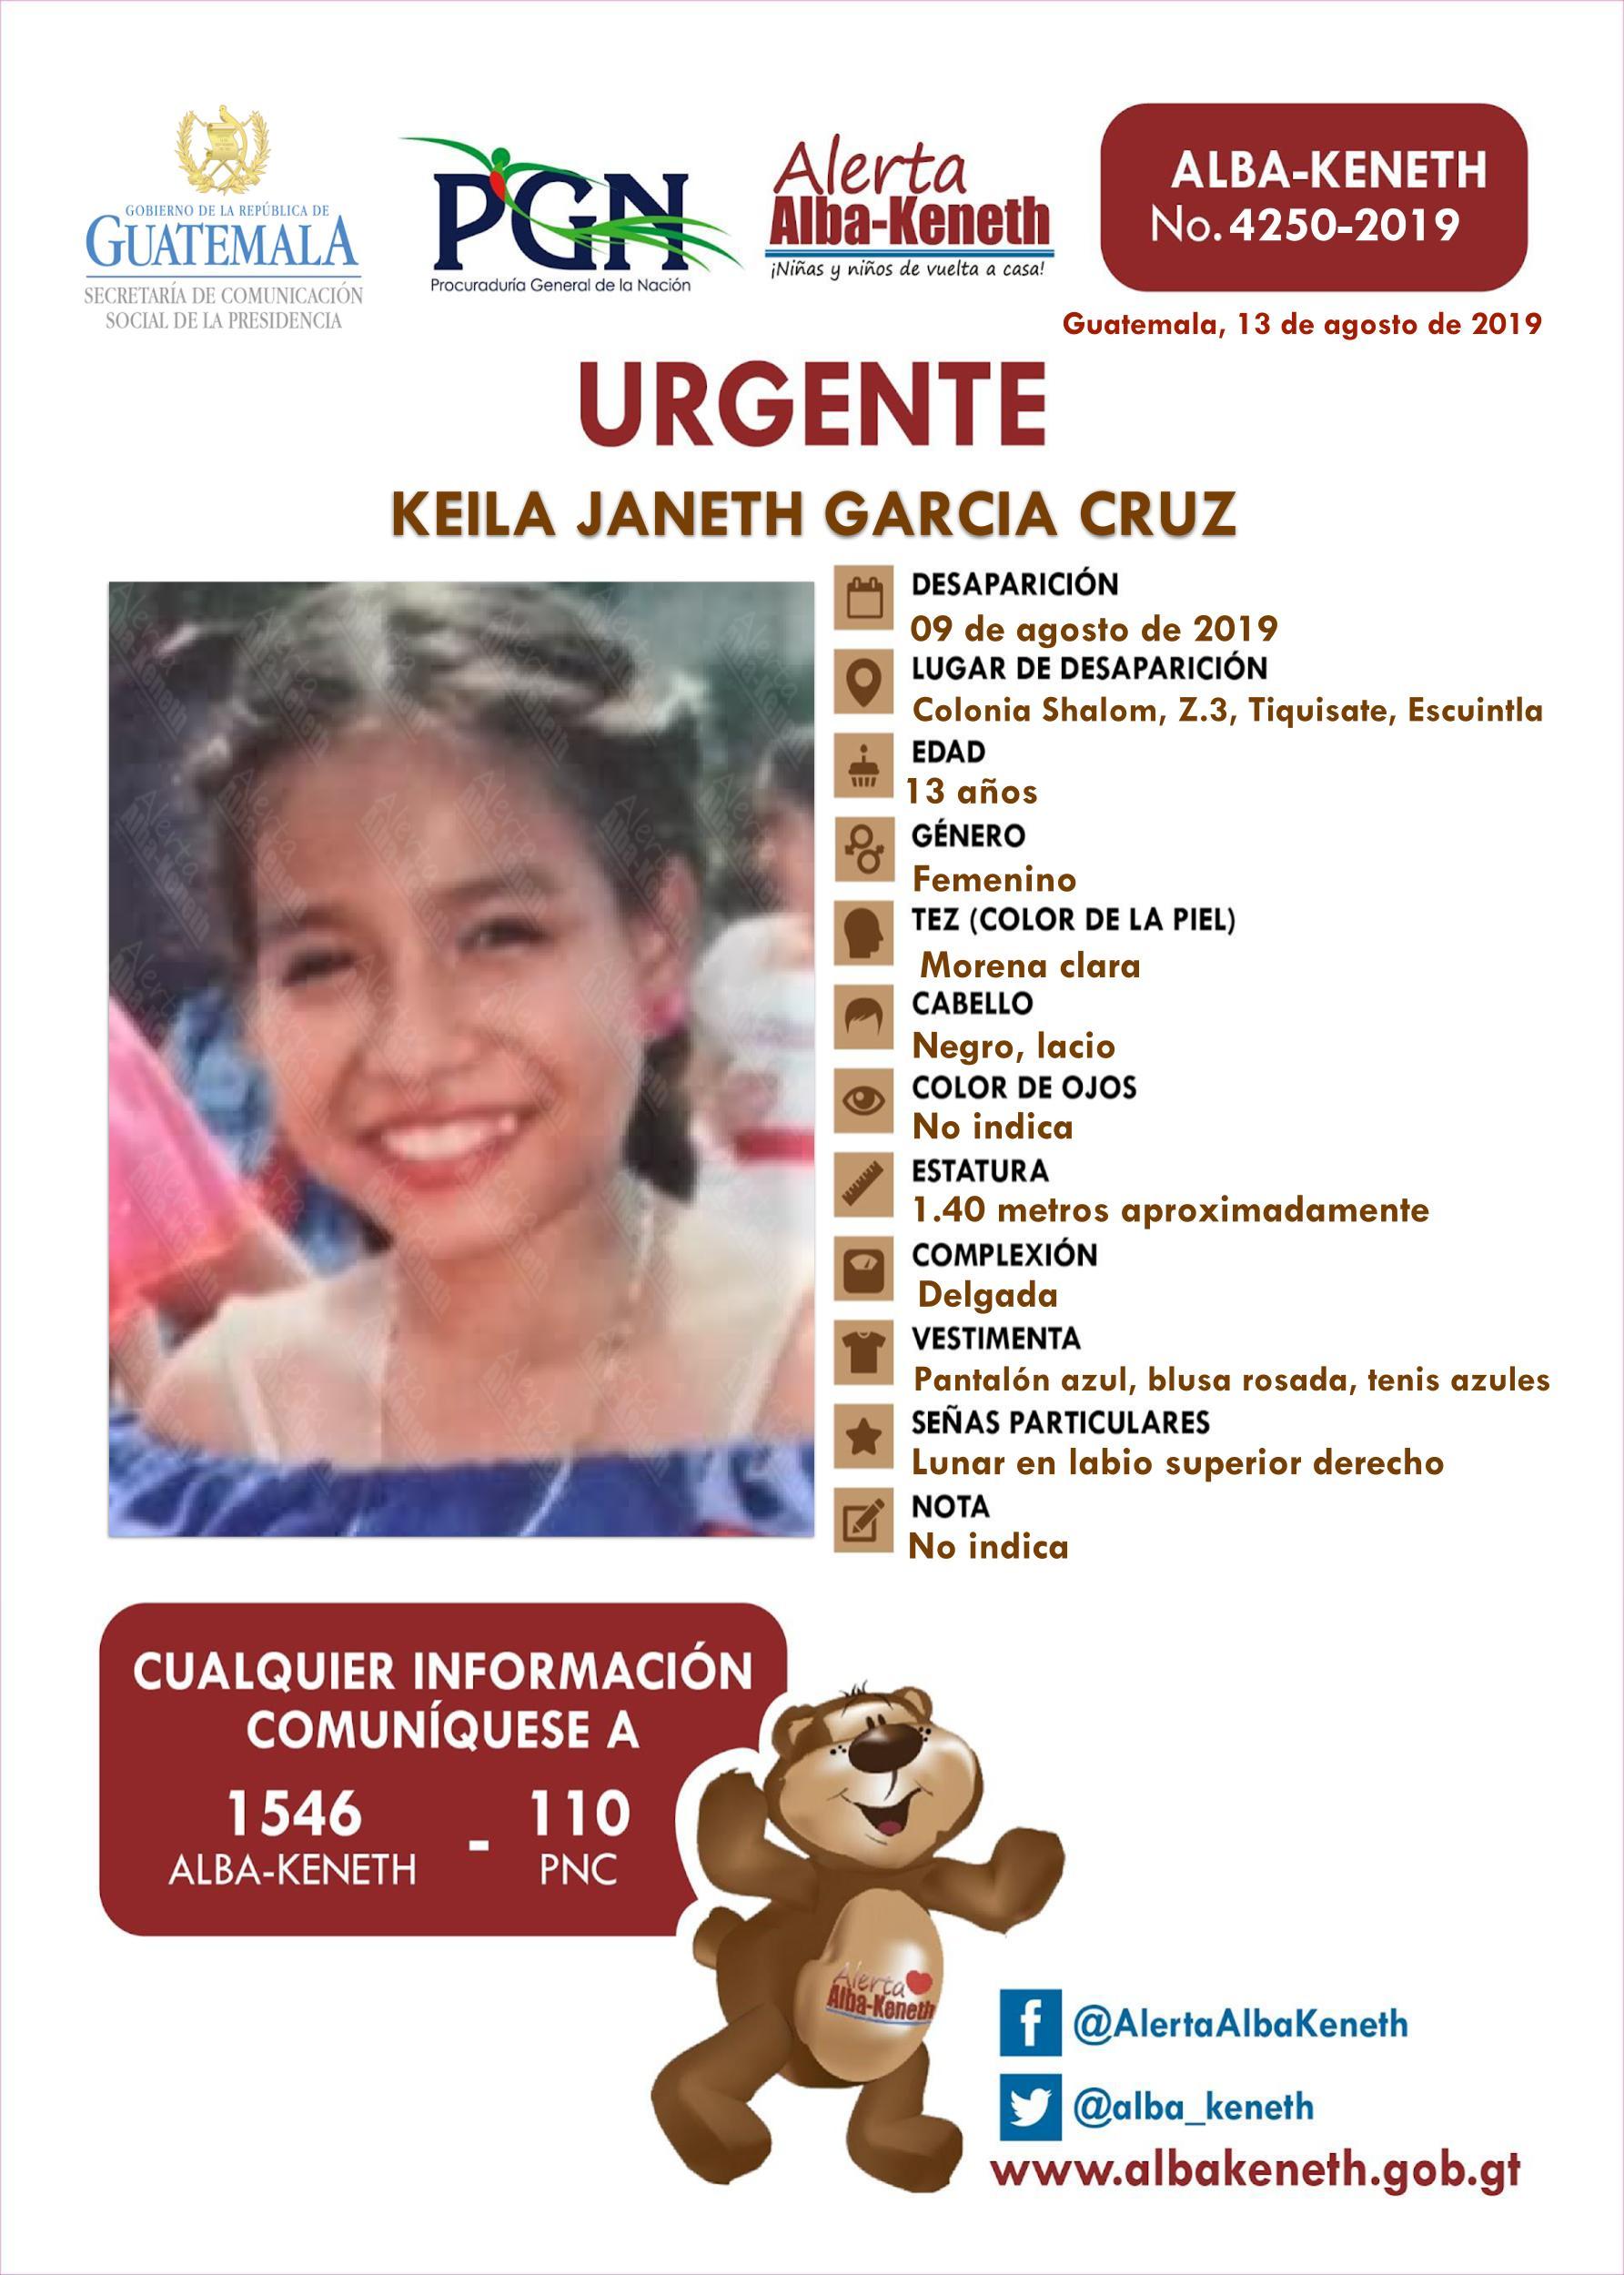 Keila Janeth Garcia Cruz